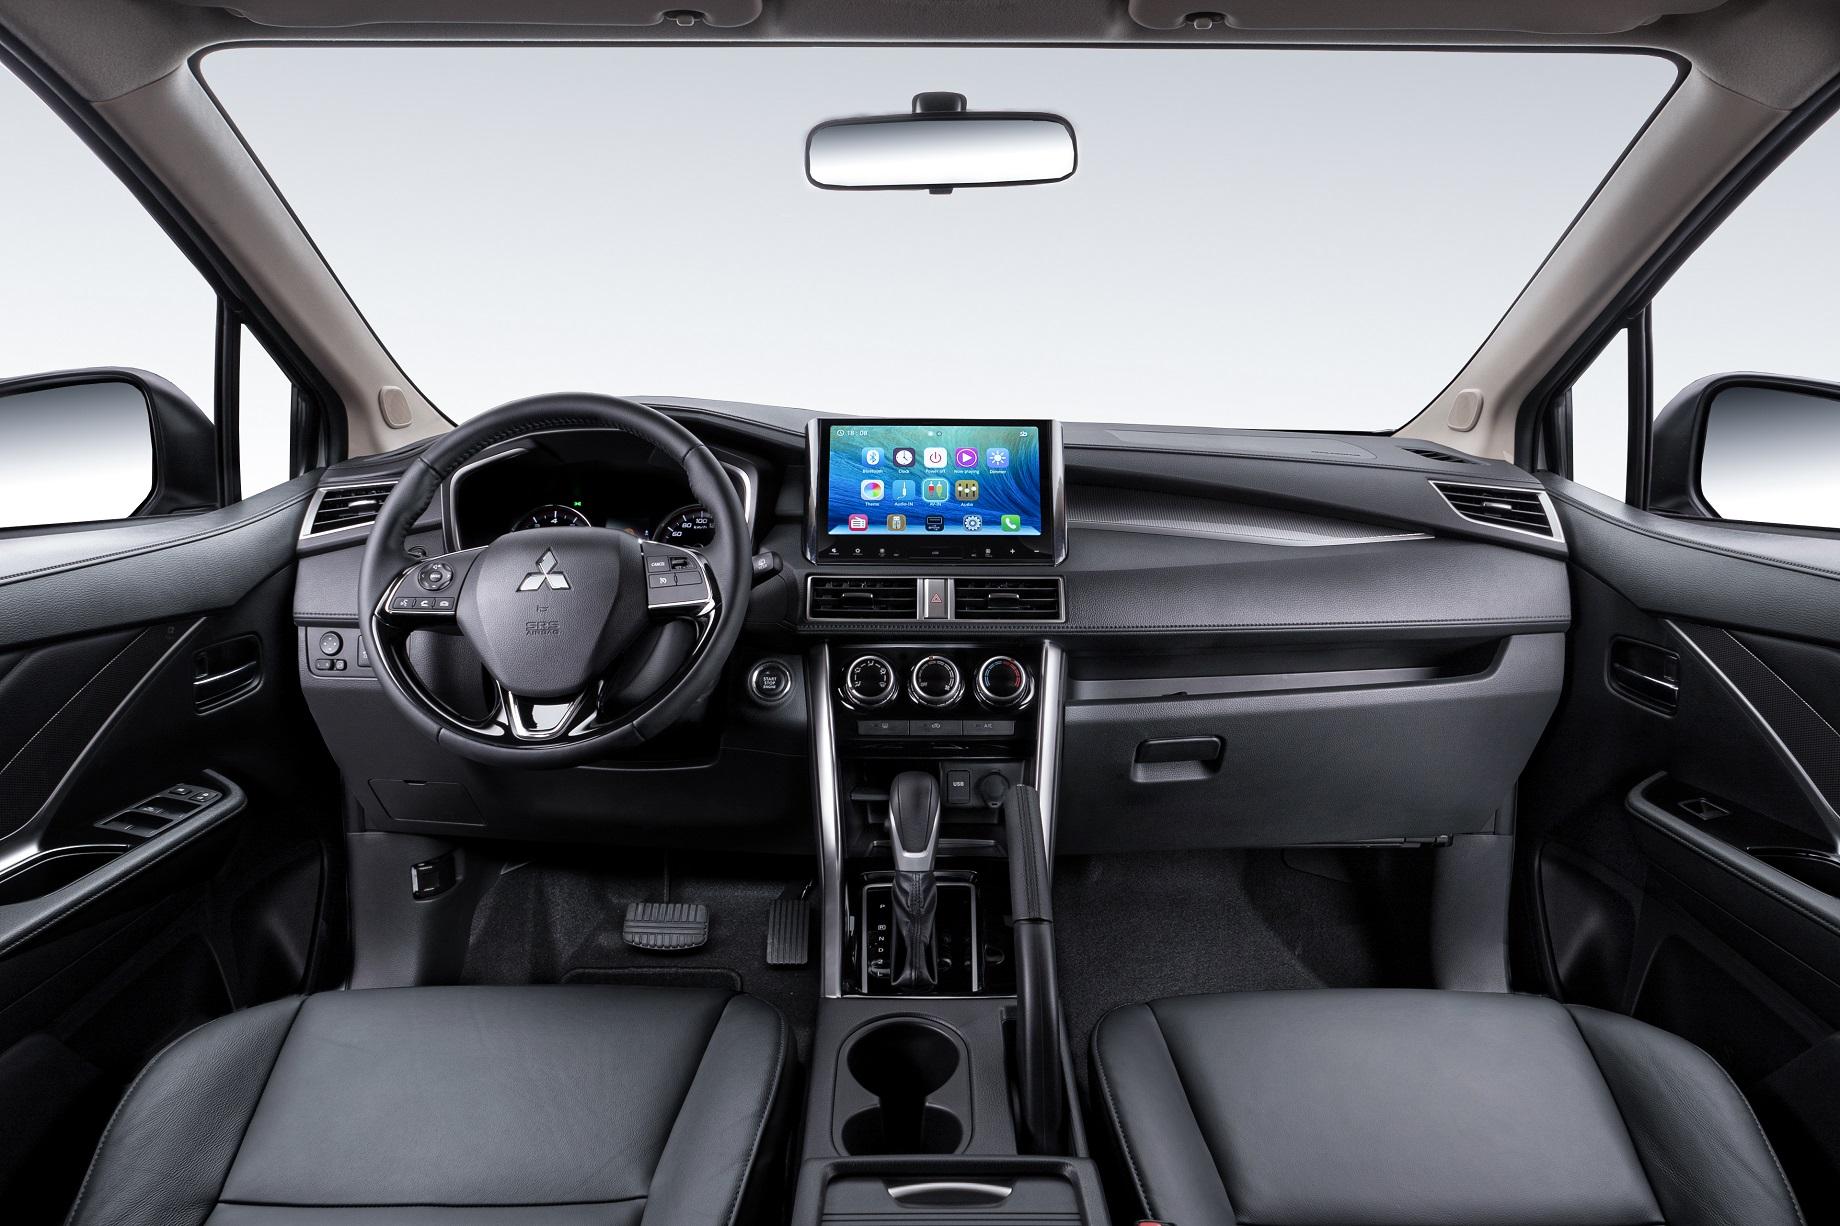 Mitsubishi Xpander phiên bản đặc biệt ra mắt tại Việt Nam, giá 630 triệu đồng xpander-sam-noi-that-01.jpg